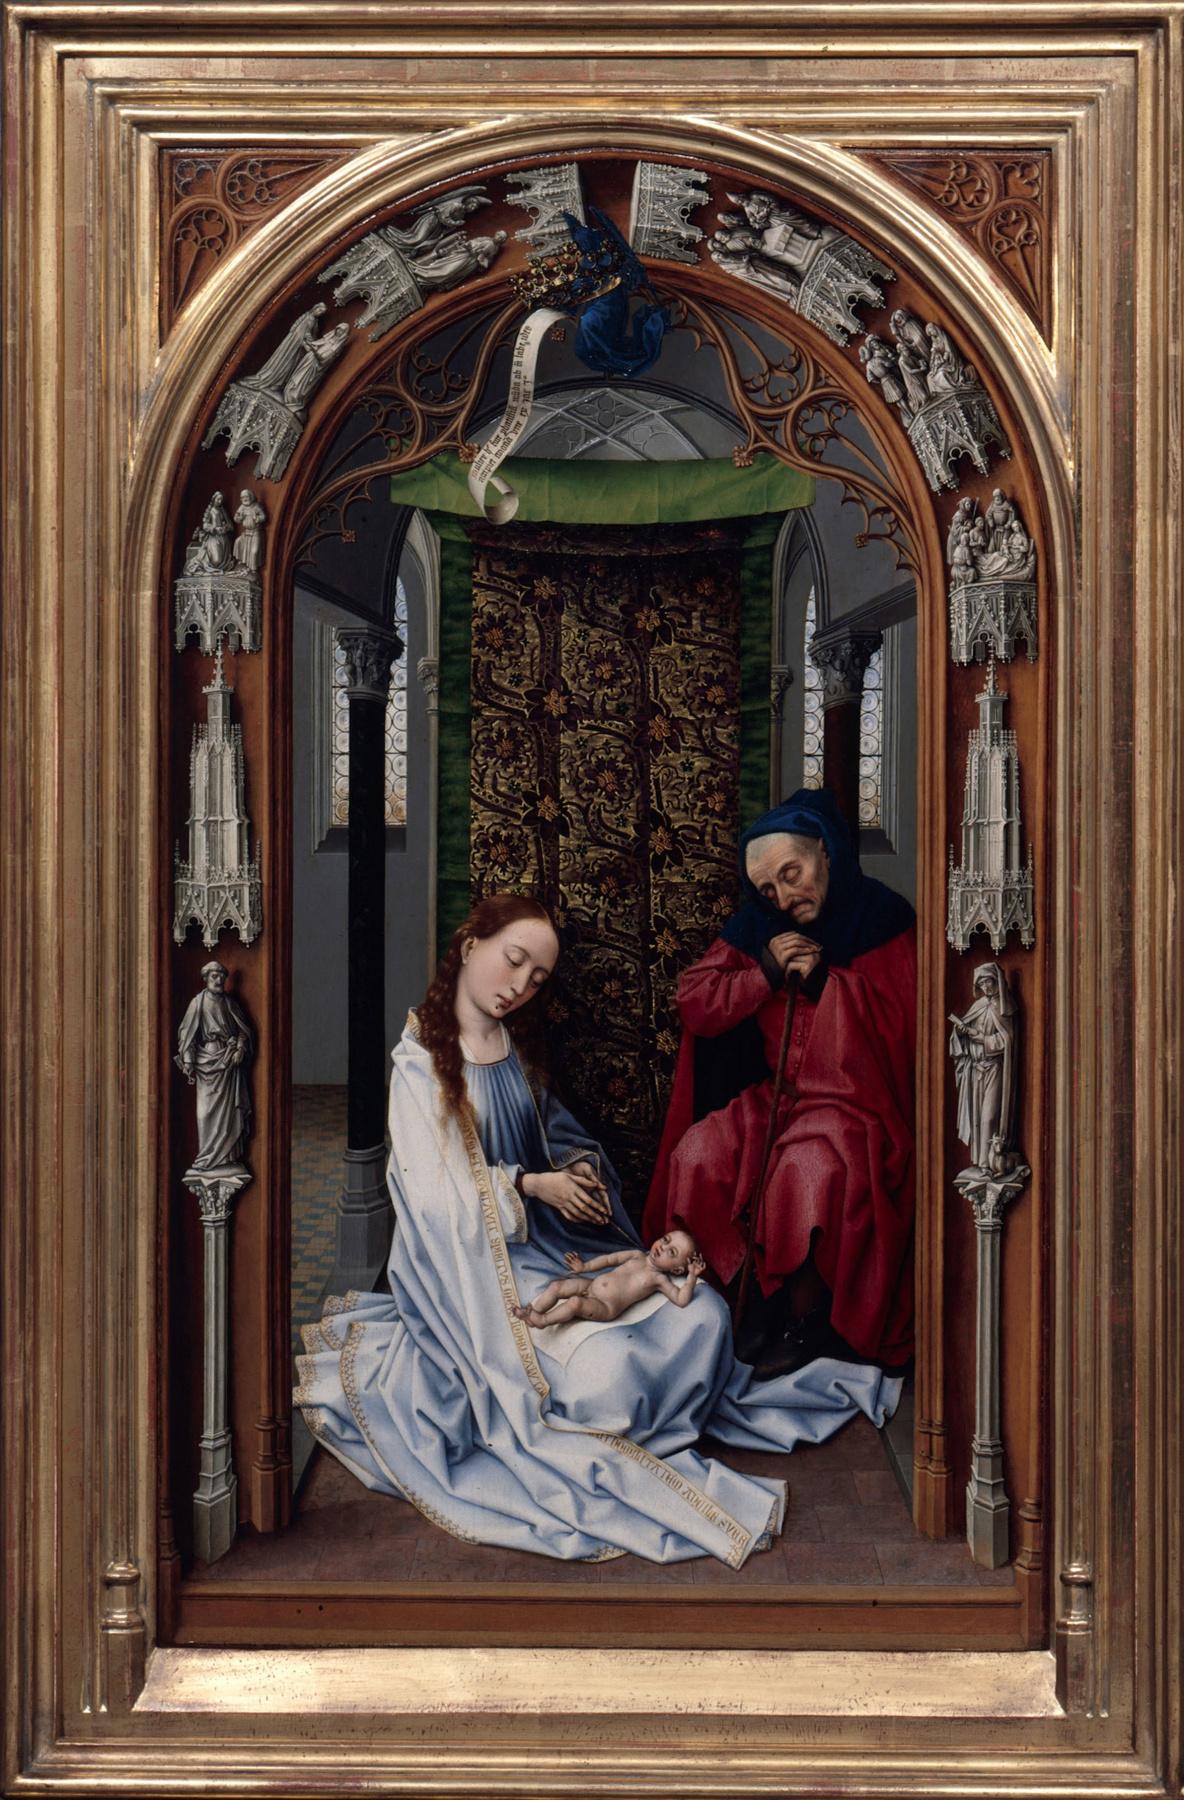 Rogier van der Weyden. The Miraflores Altar. Fragment